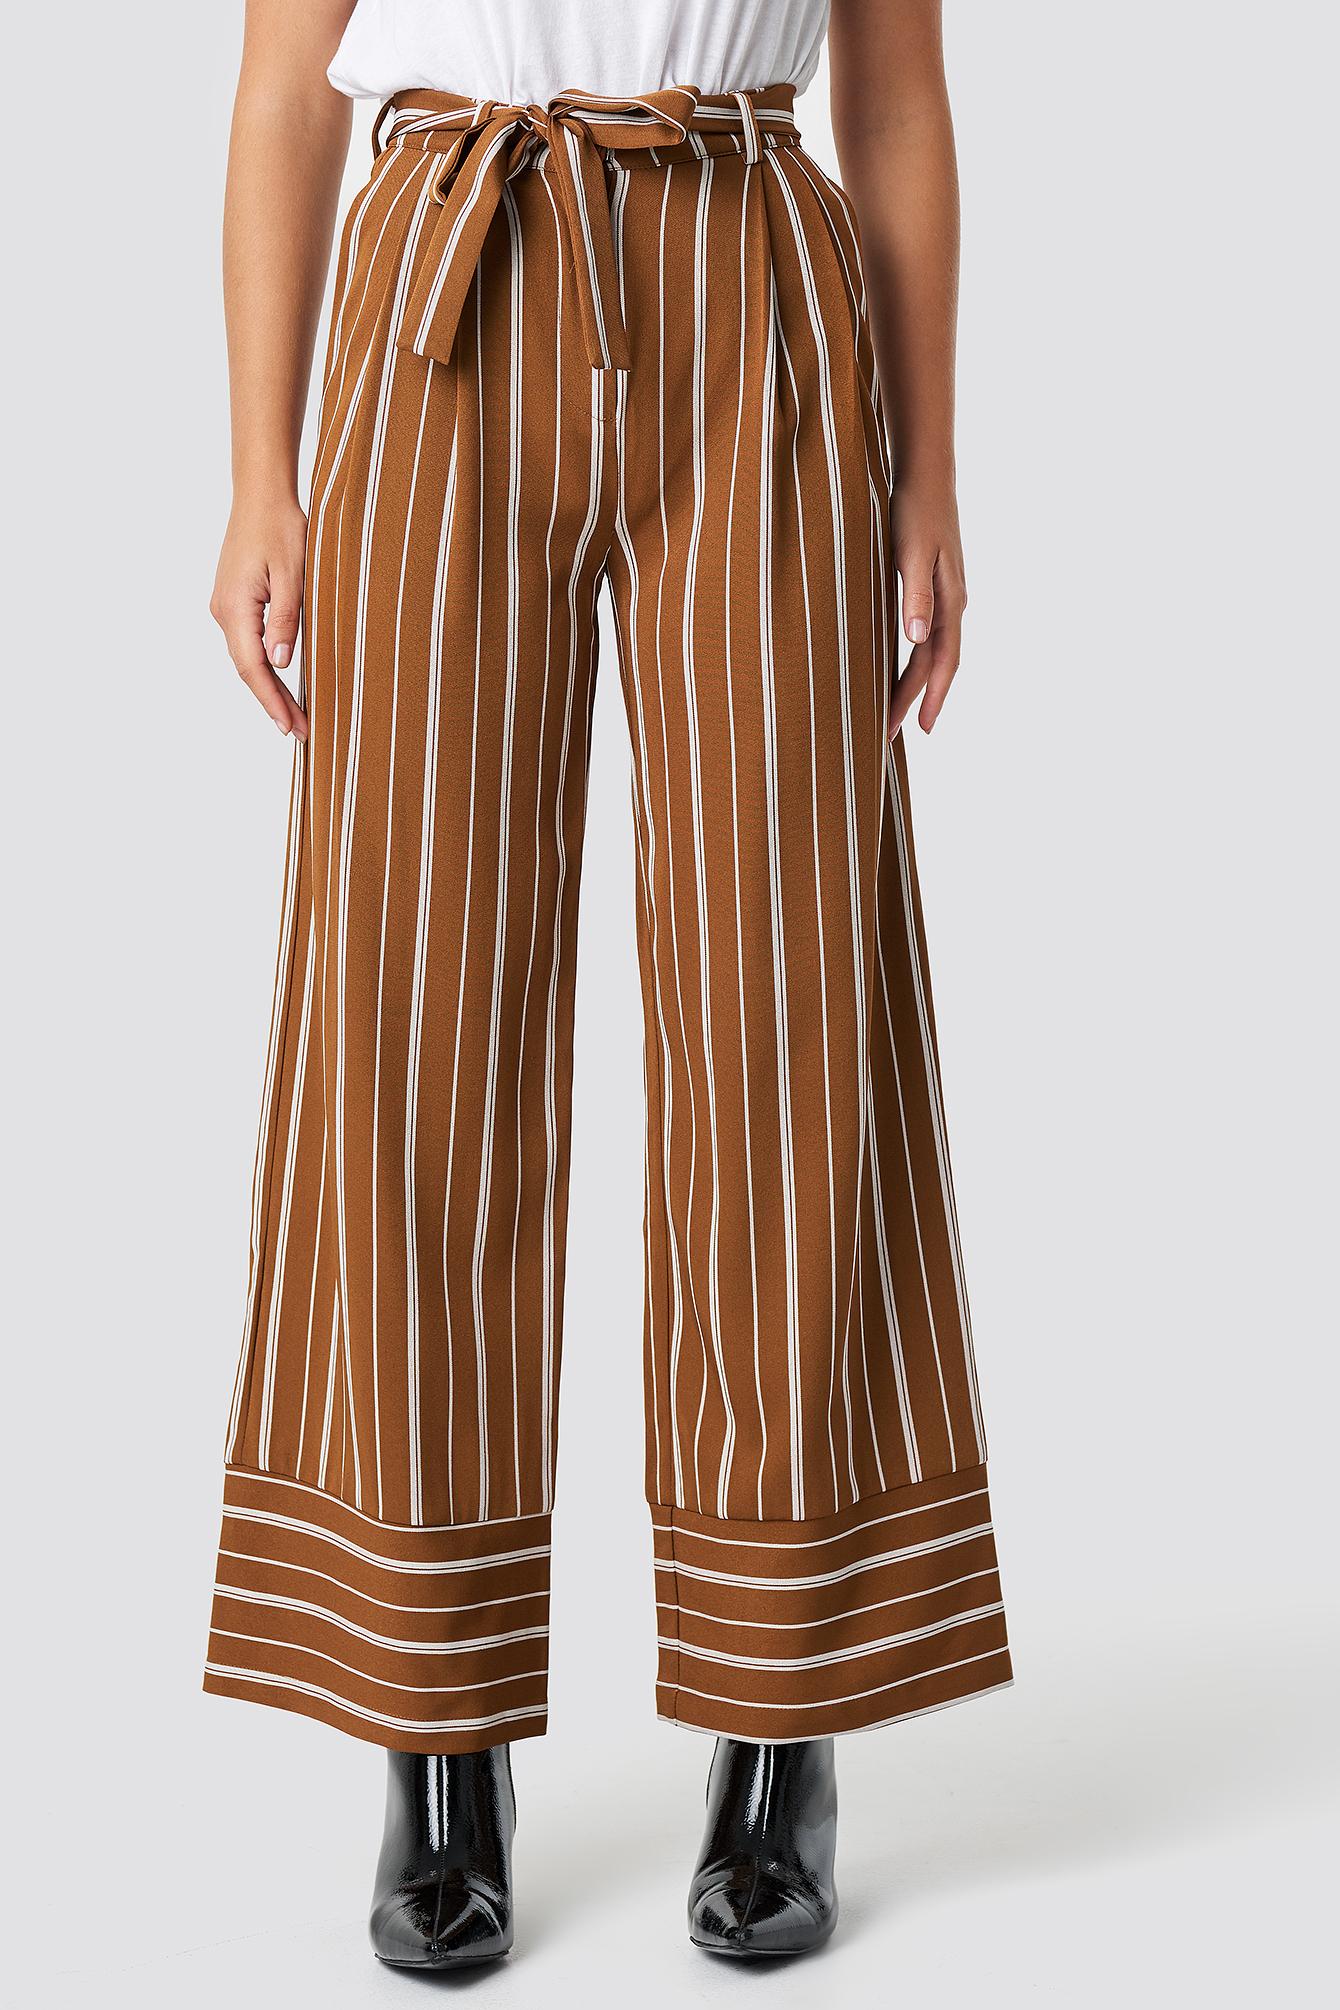 Tie Waist Striped Wide Pants NA-KD.COM